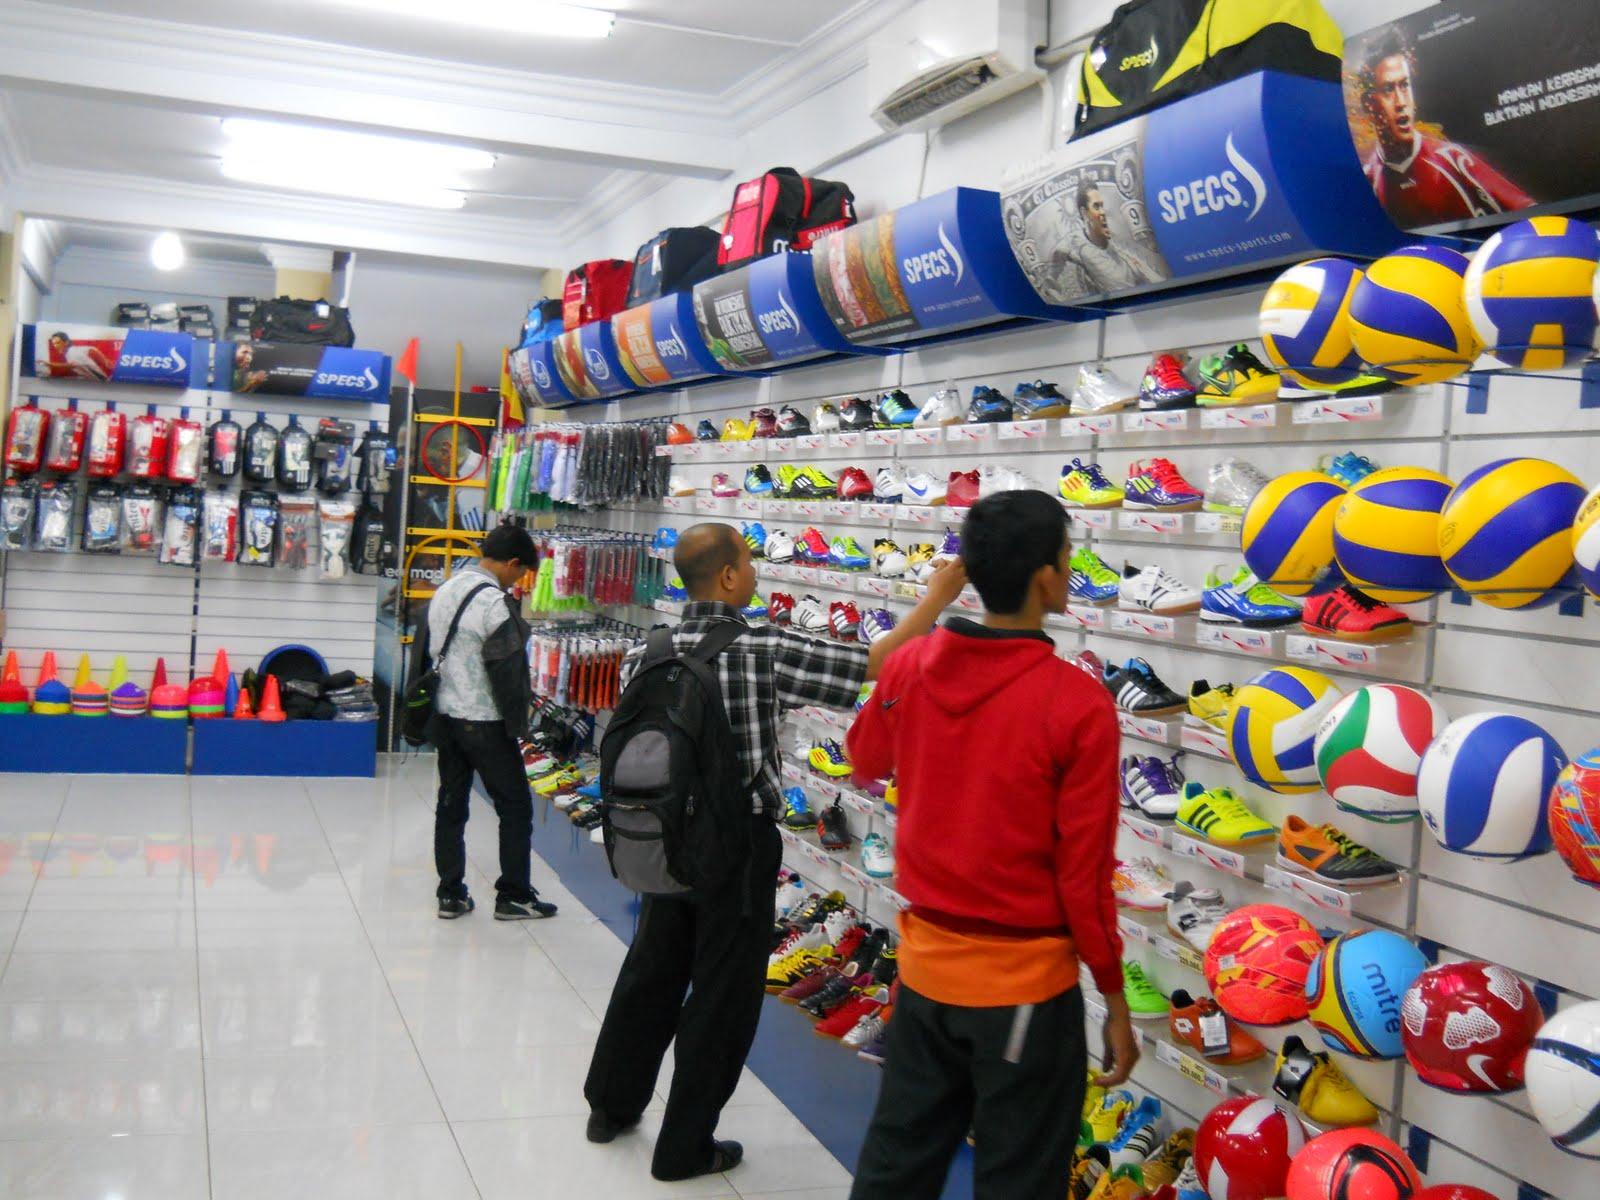 Official Golden Goal Bekasi Blog: GG Futsal Activity